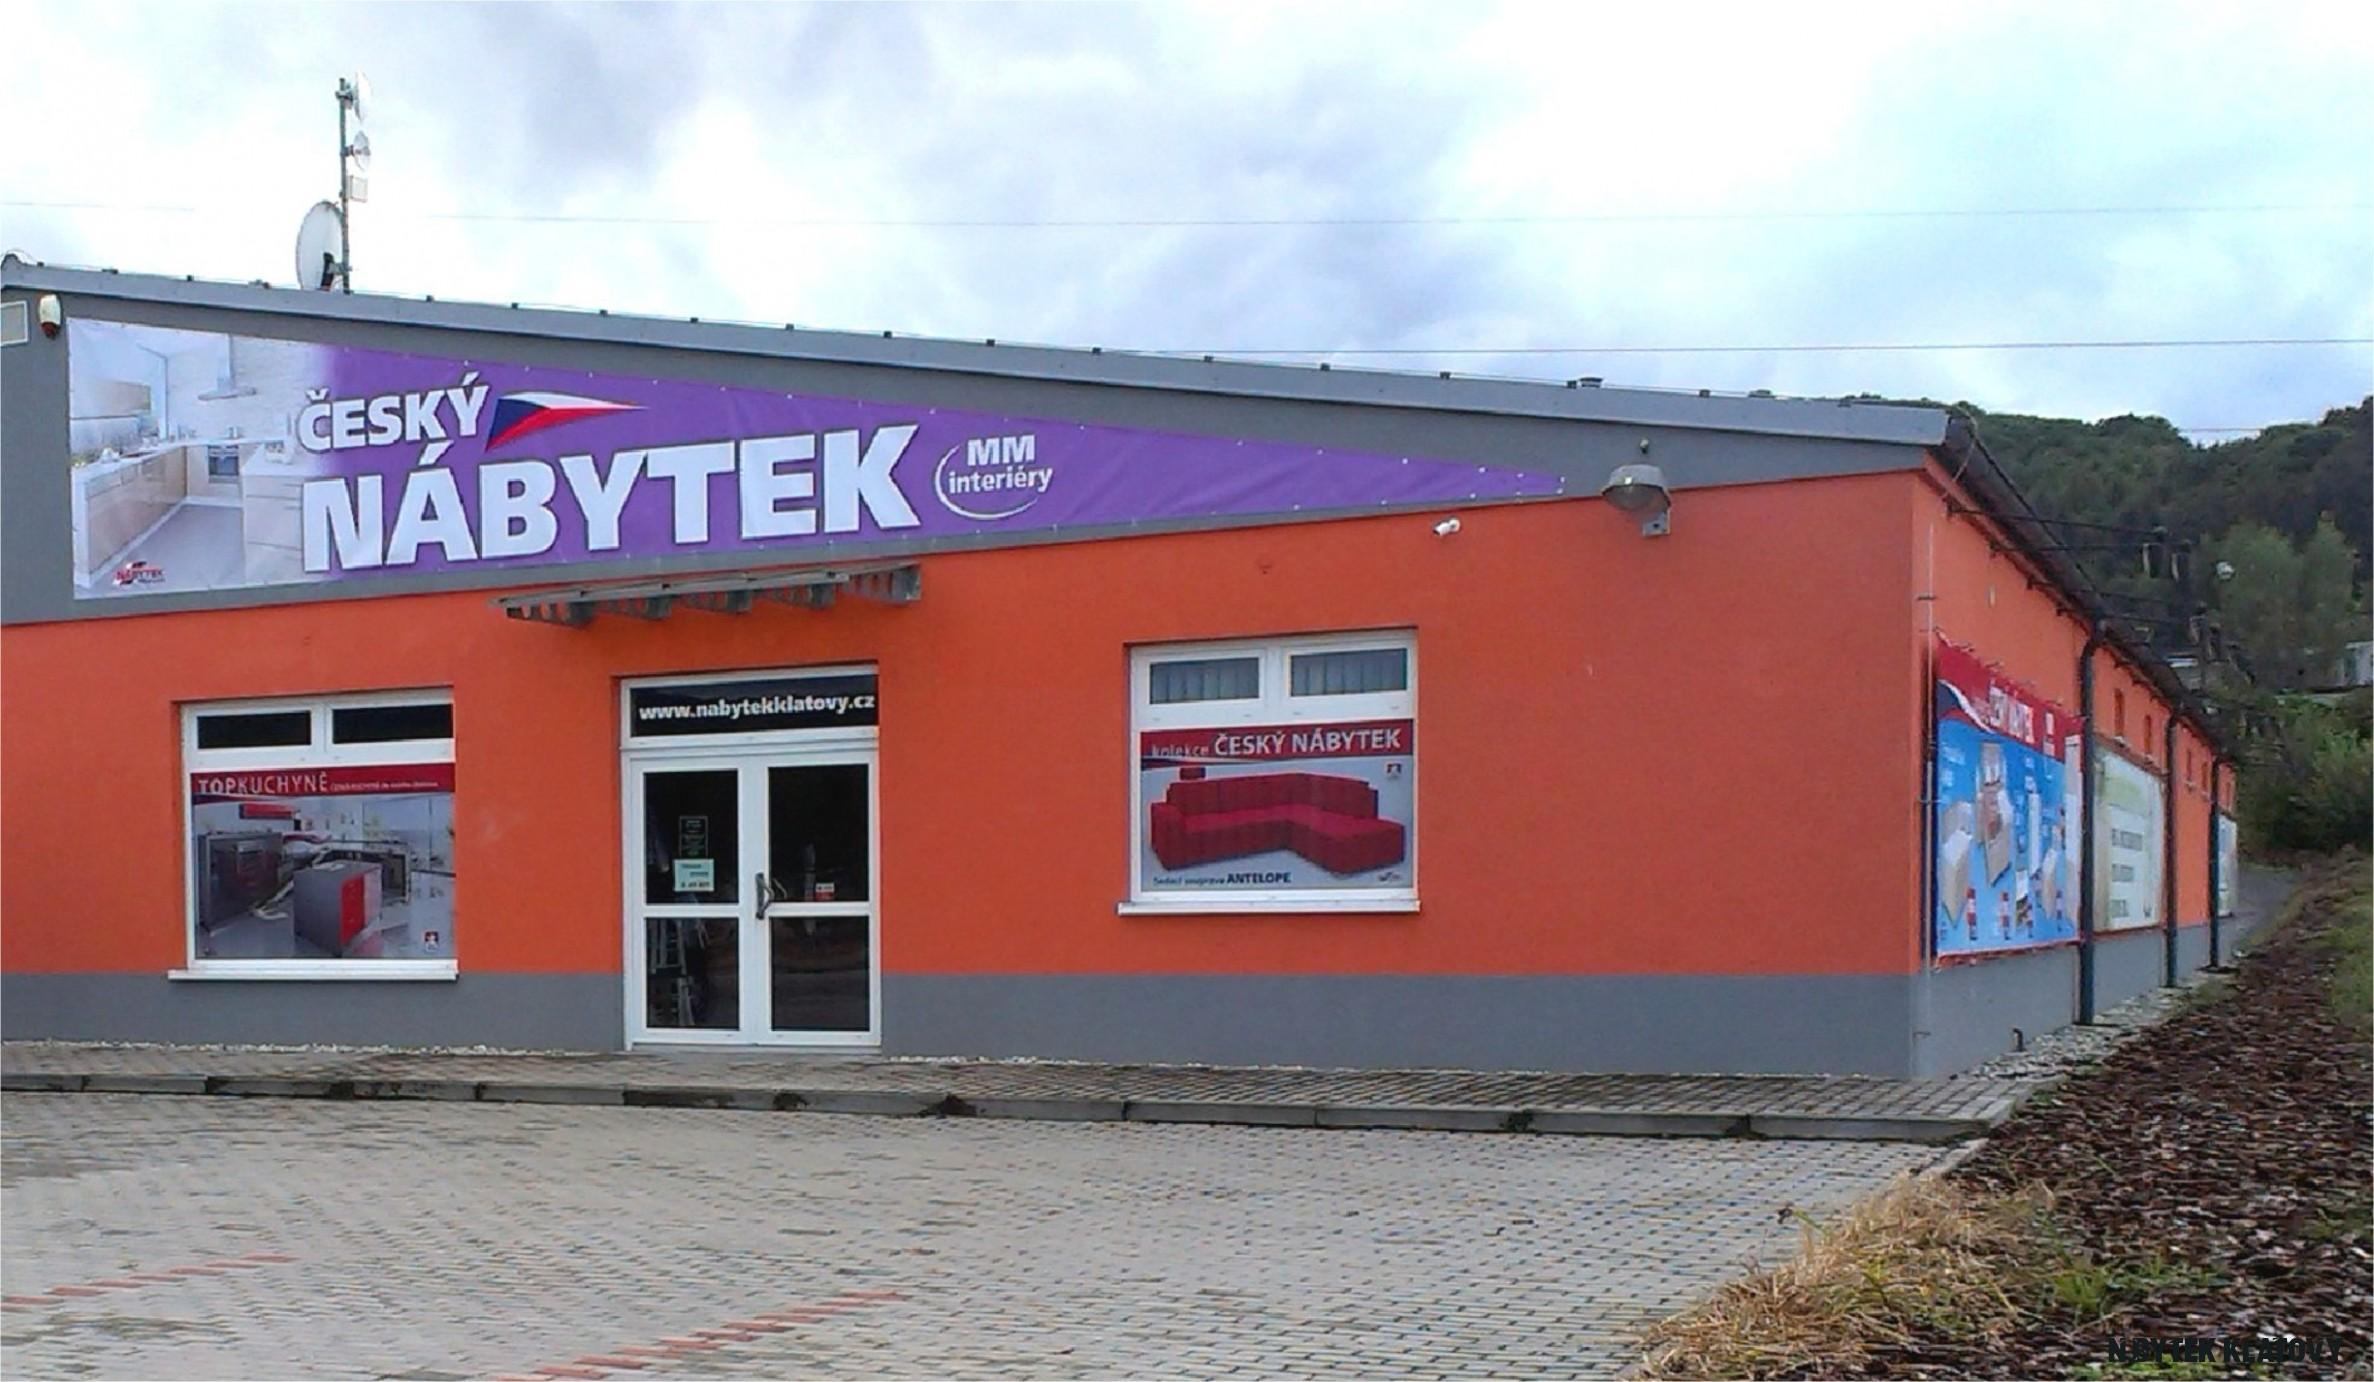 ČESKÝ NÁBYTEK & MM interiéry (Klatovy, Luby), IČO 18